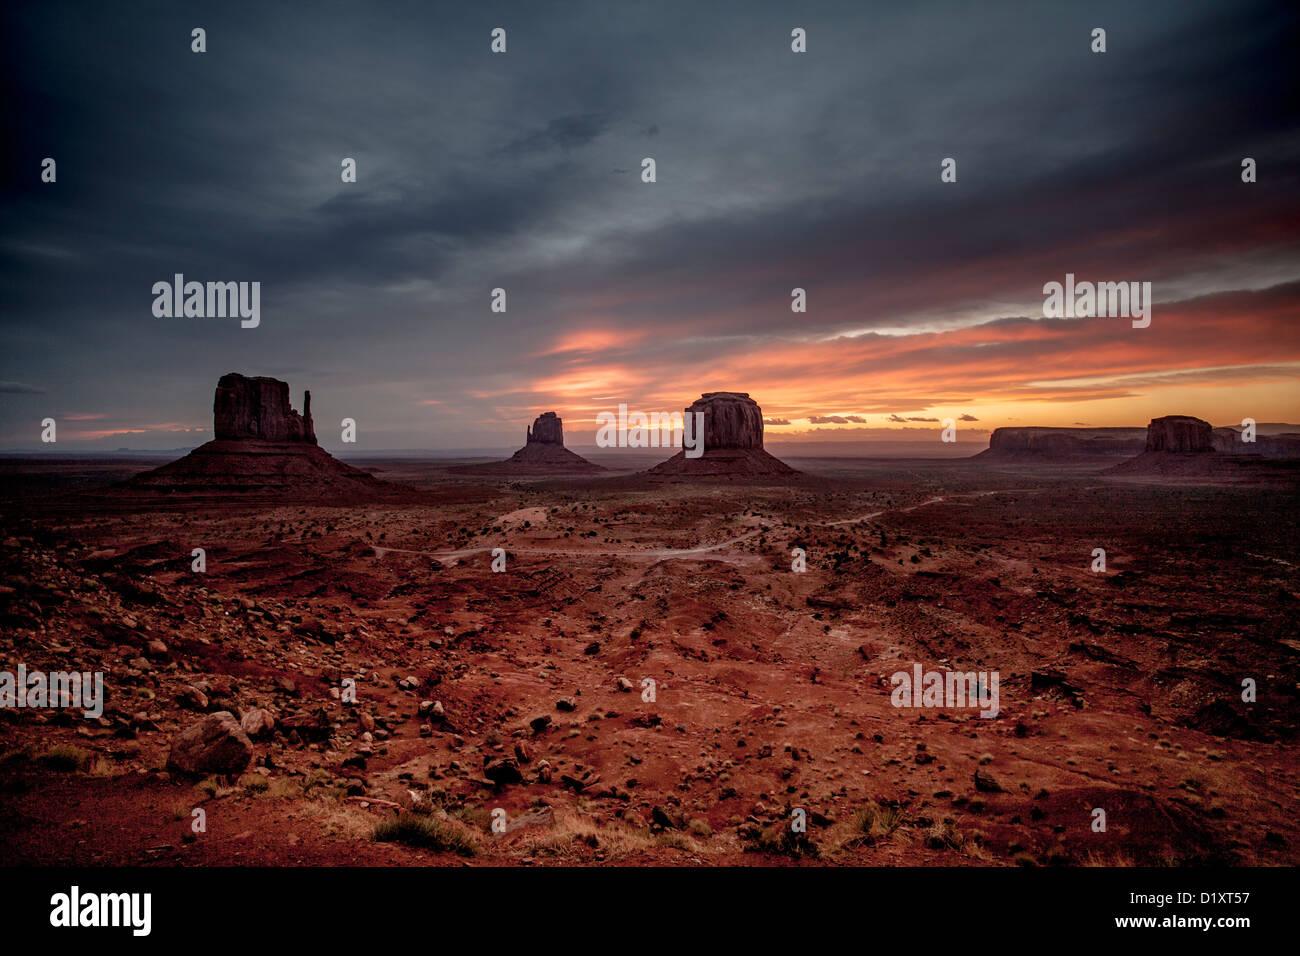 Monument Valley Navajo Tribal Park Stockbild